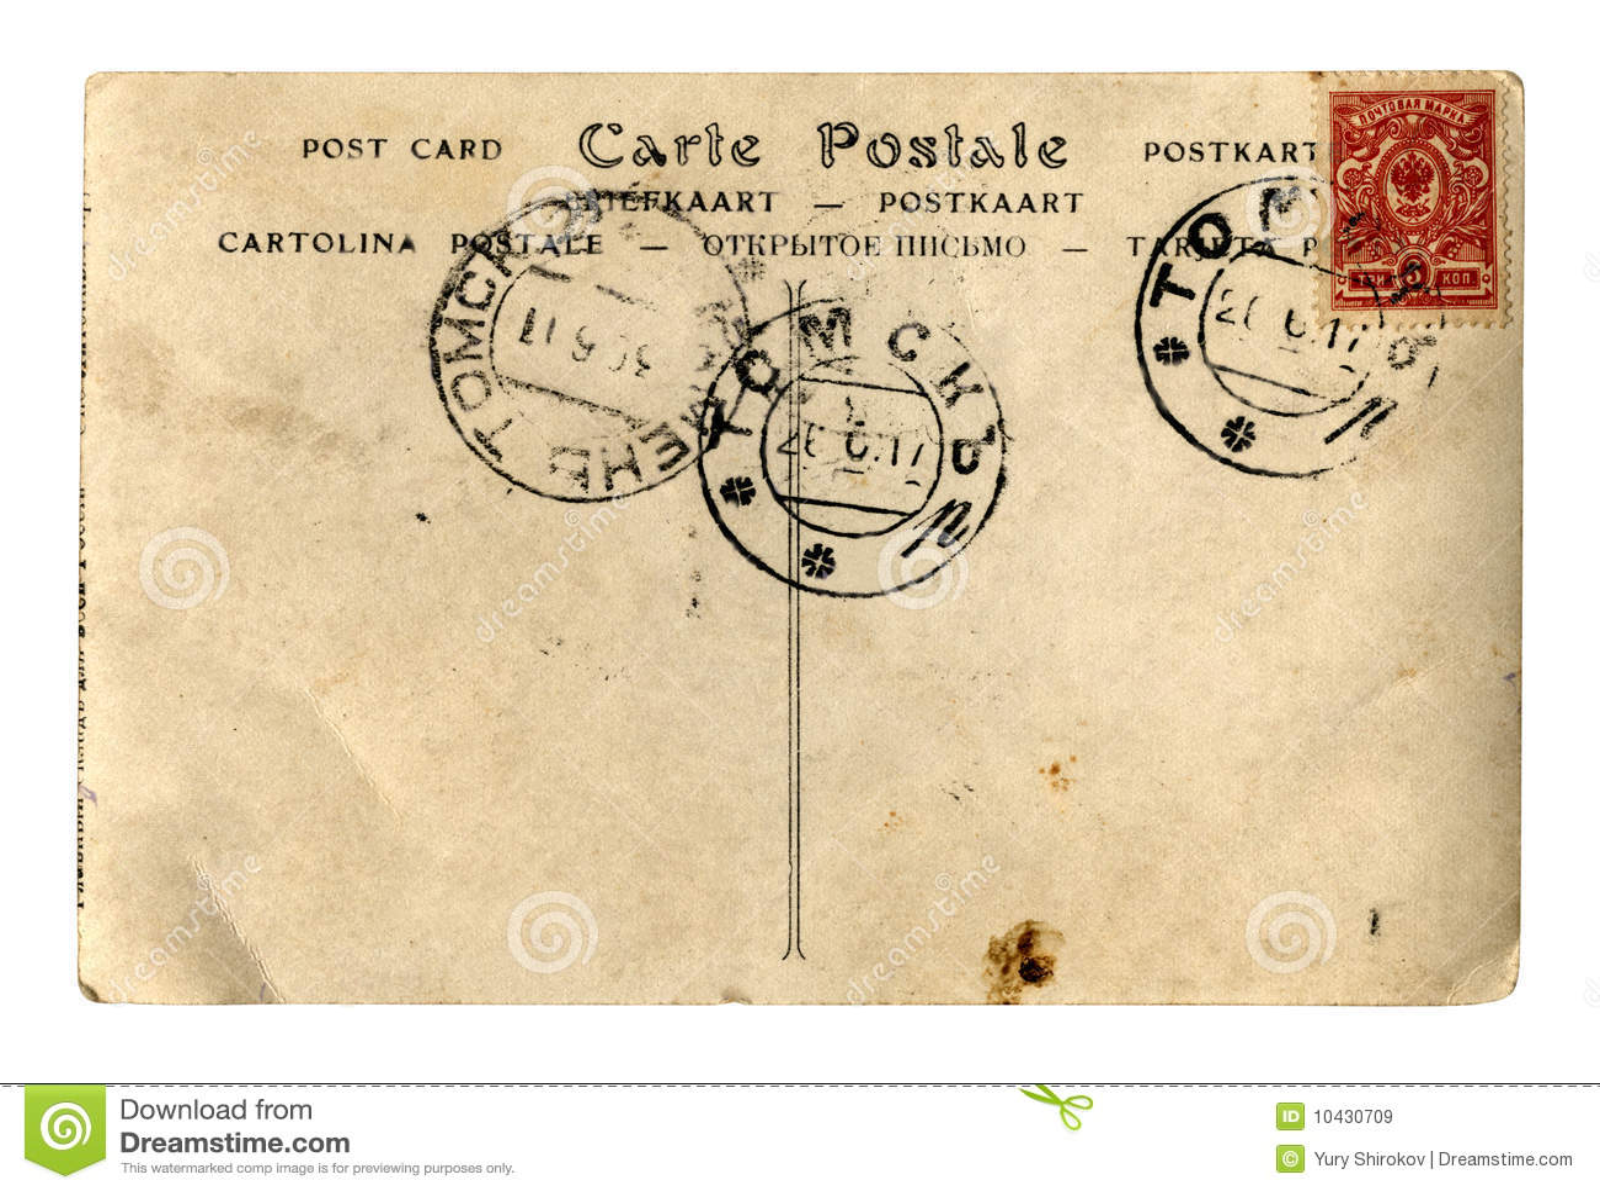 Free Vintage Postcard Images 101